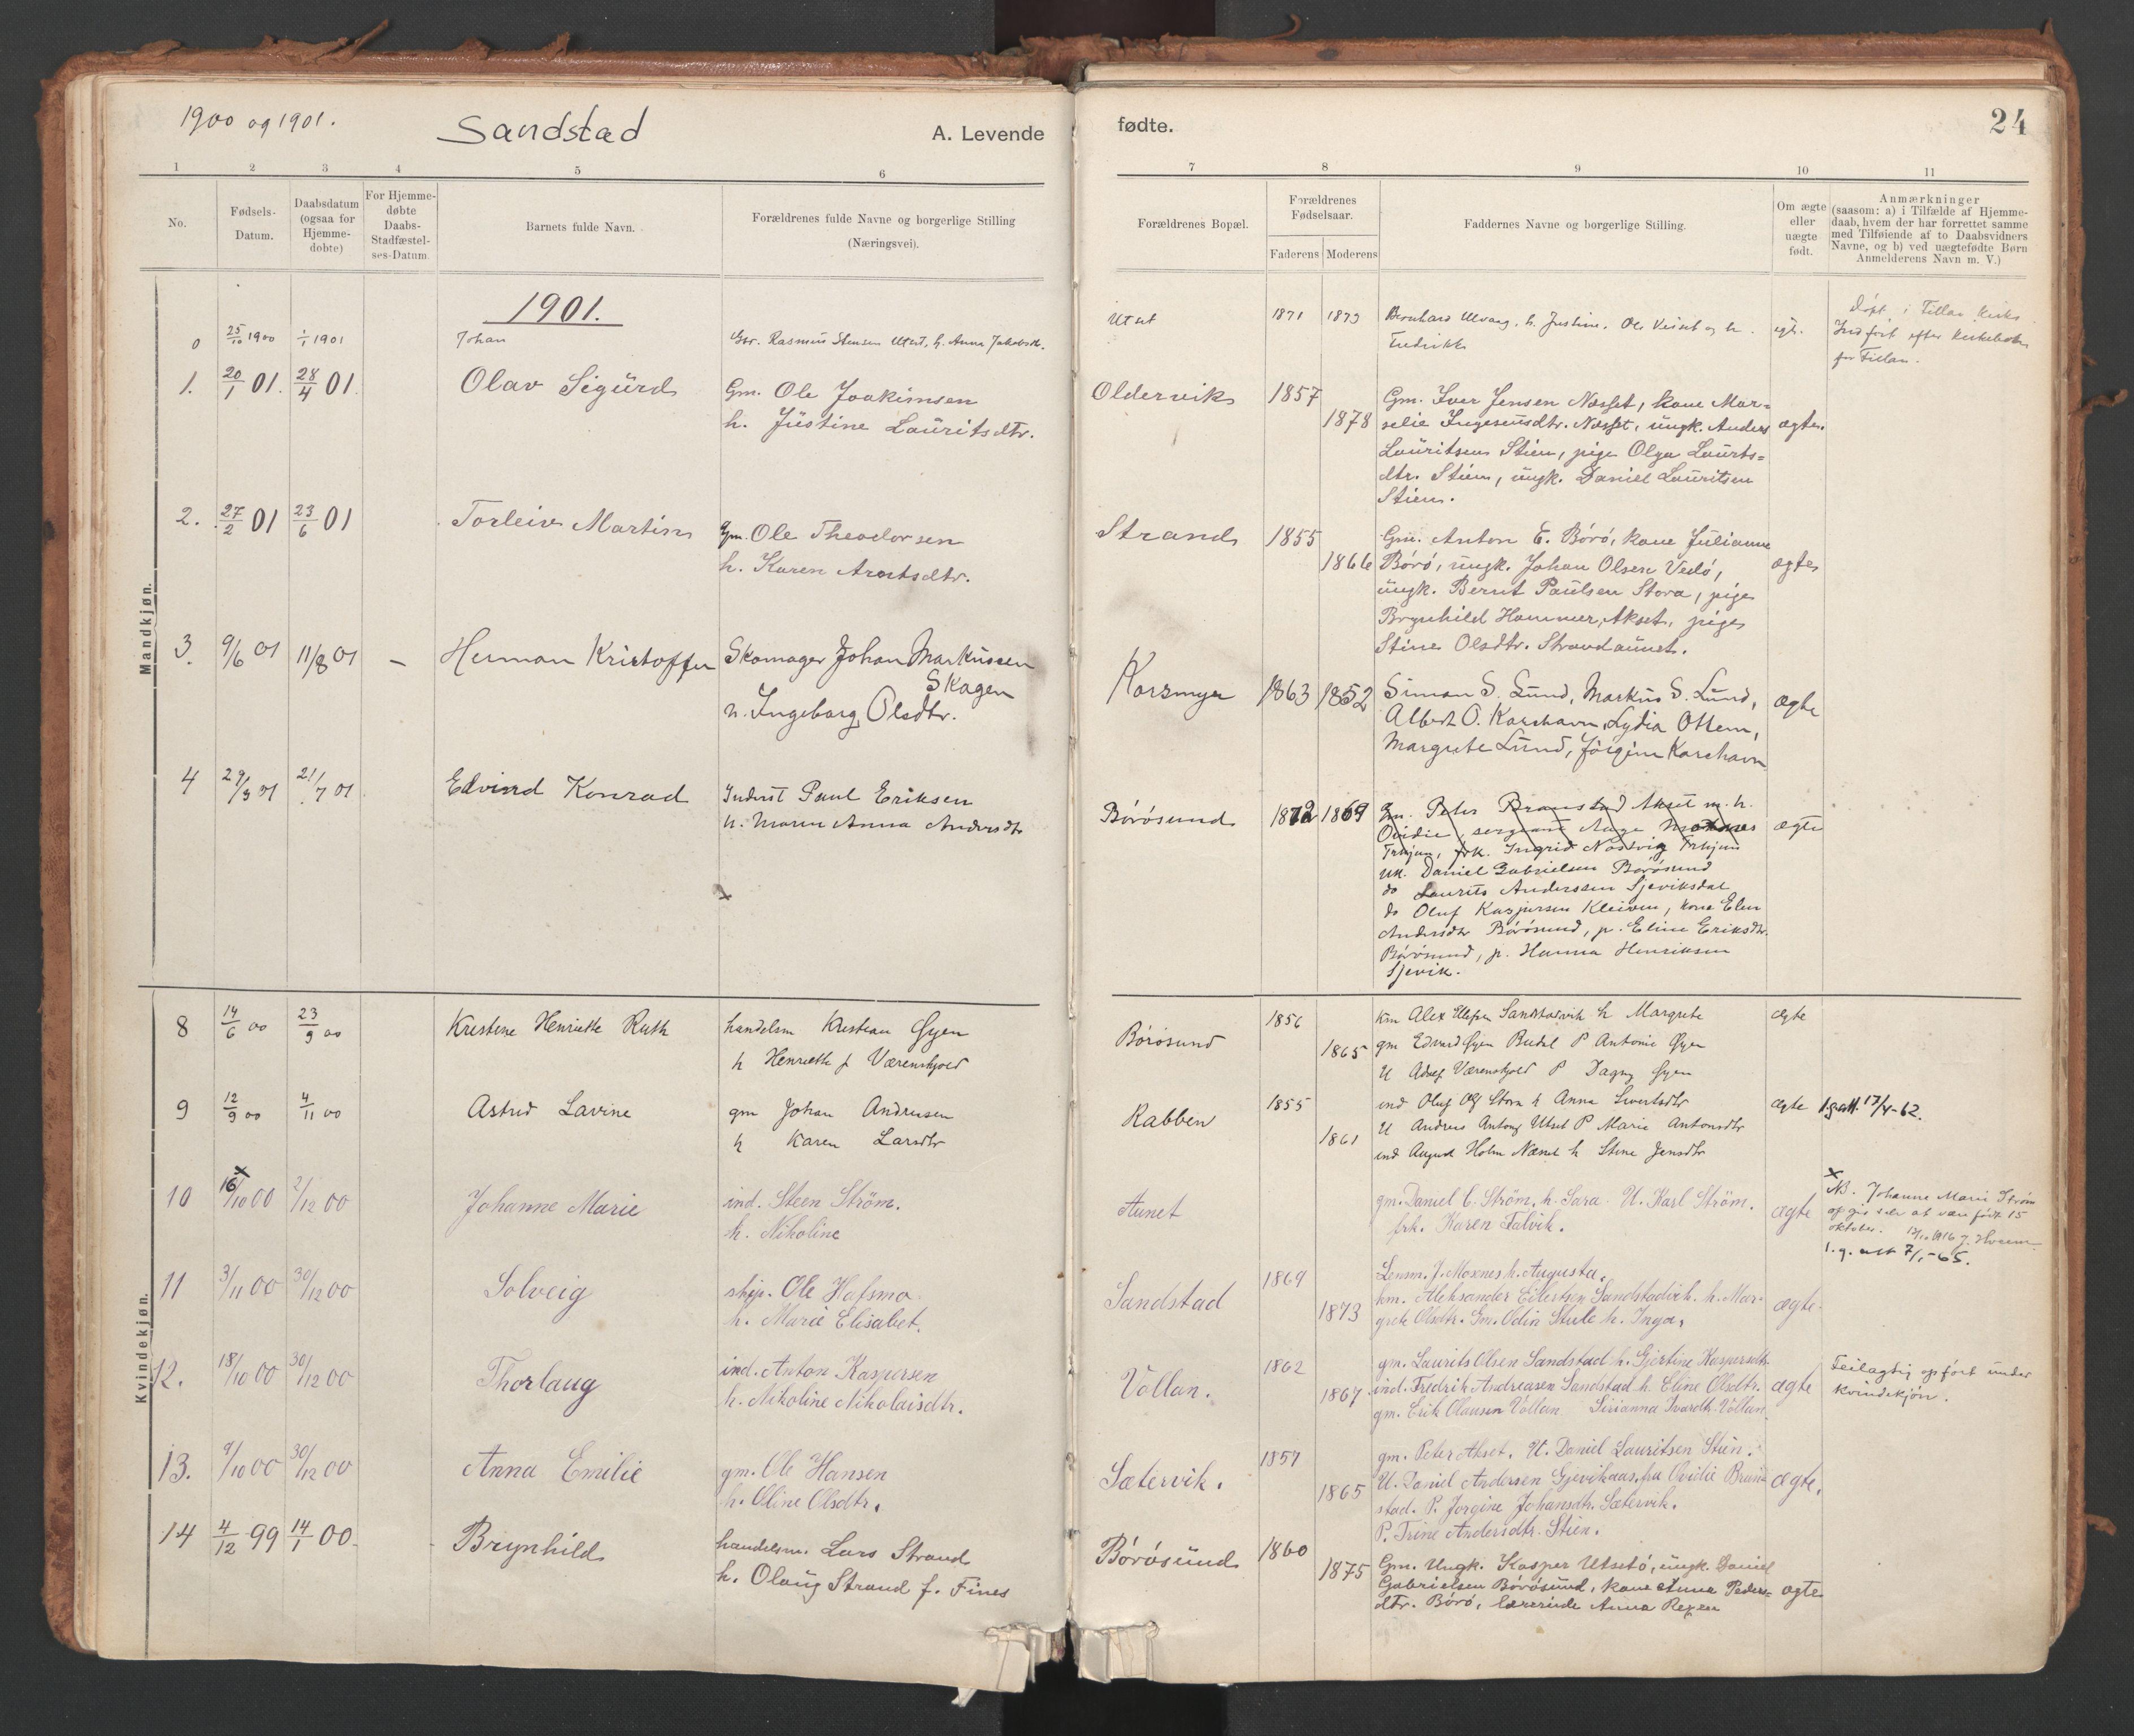 SAT, Ministerialprotokoller, klokkerbøker og fødselsregistre - Sør-Trøndelag, 639/L0572: Ministerialbok nr. 639A01, 1890-1920, s. 24